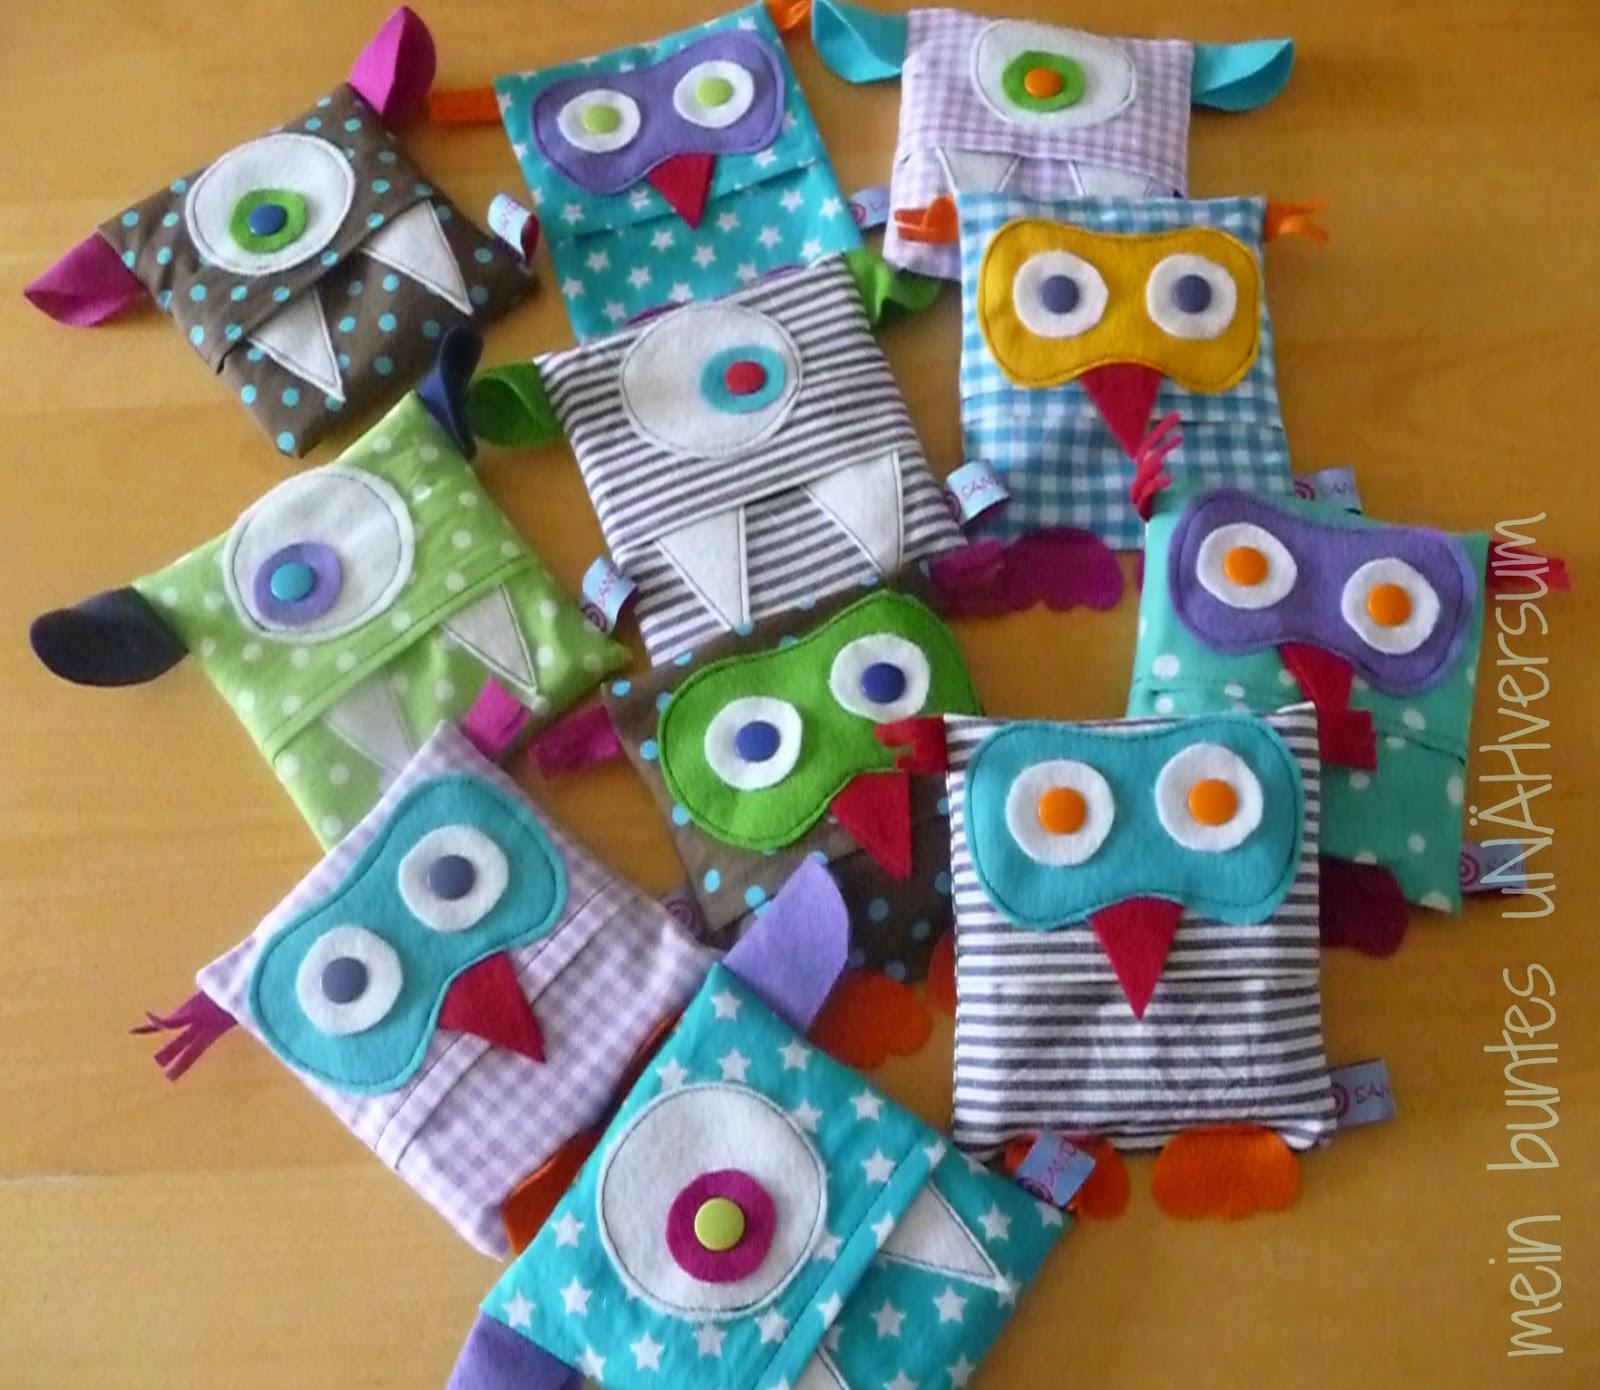 Kindergarten geburtstagsgeschenk basteln my blog - Geschenk erzieherin weihnachten ...